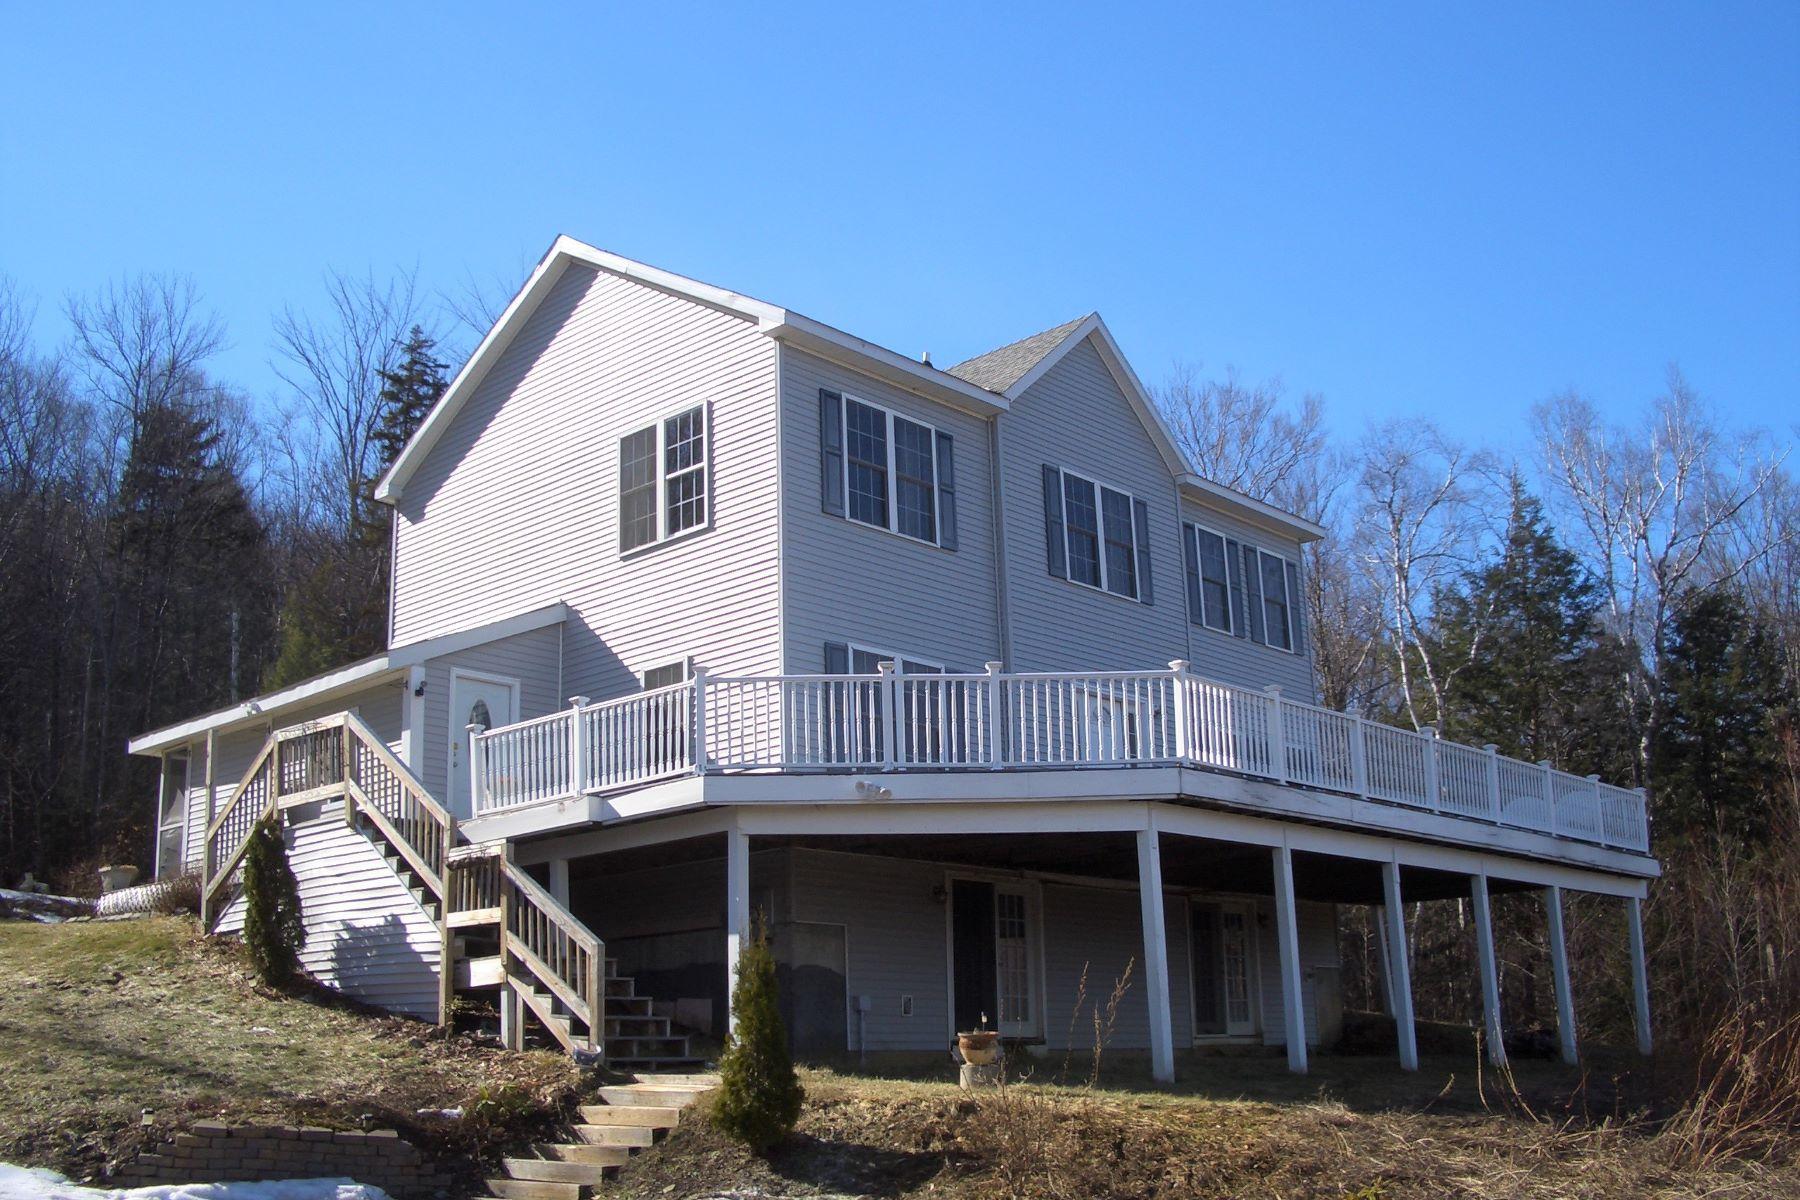 一戸建て のために 売買 アット This could be paradise 957 Clark Hill, West Rutland, バーモント, 05777 アメリカ合衆国